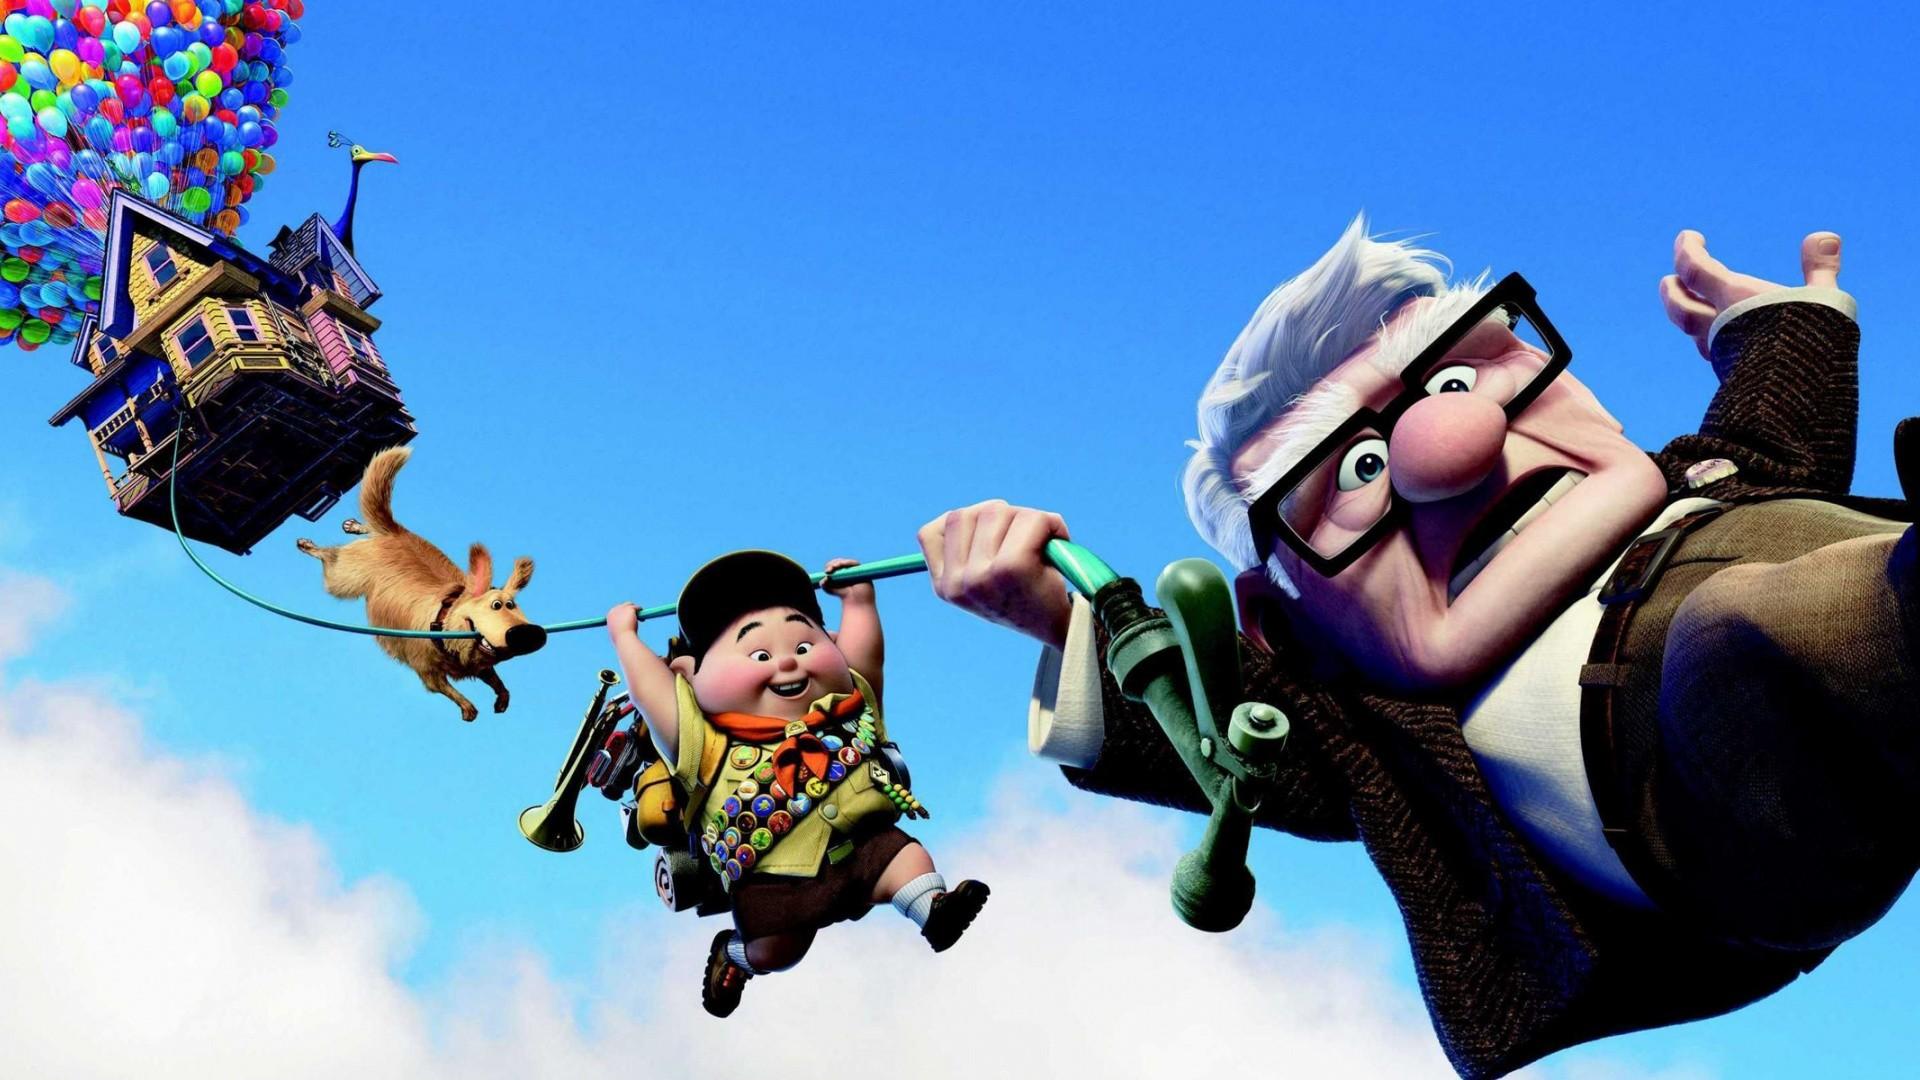 Disney Pixar Backgrounds (38 Wallpapers)